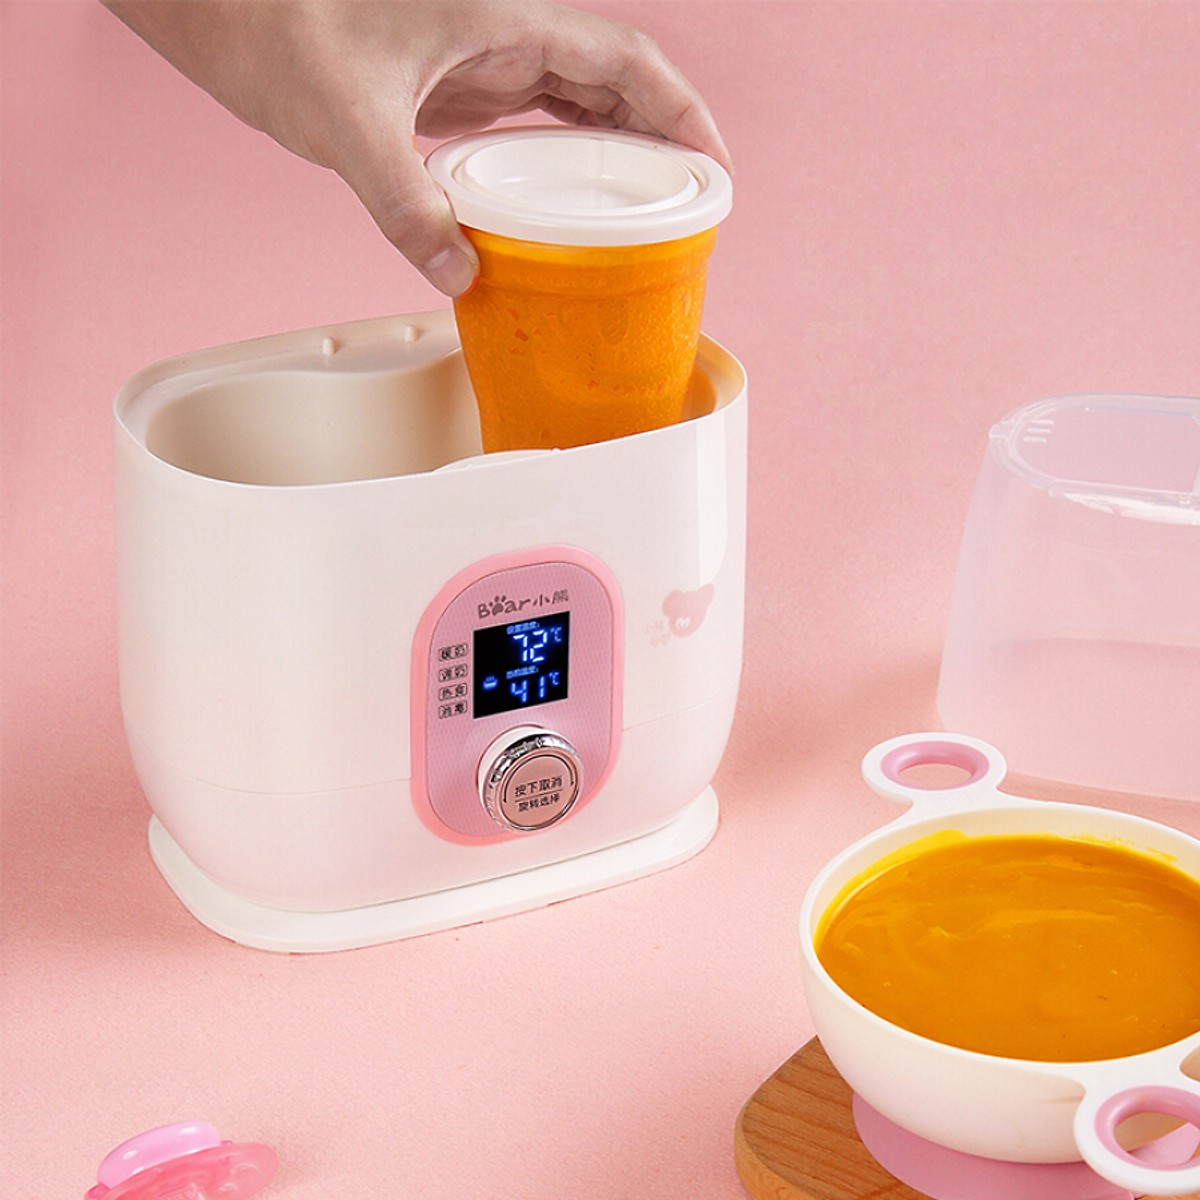 Máy làm ấm sữa và khử trùng , hiệu : Bear NNQ-A02B1